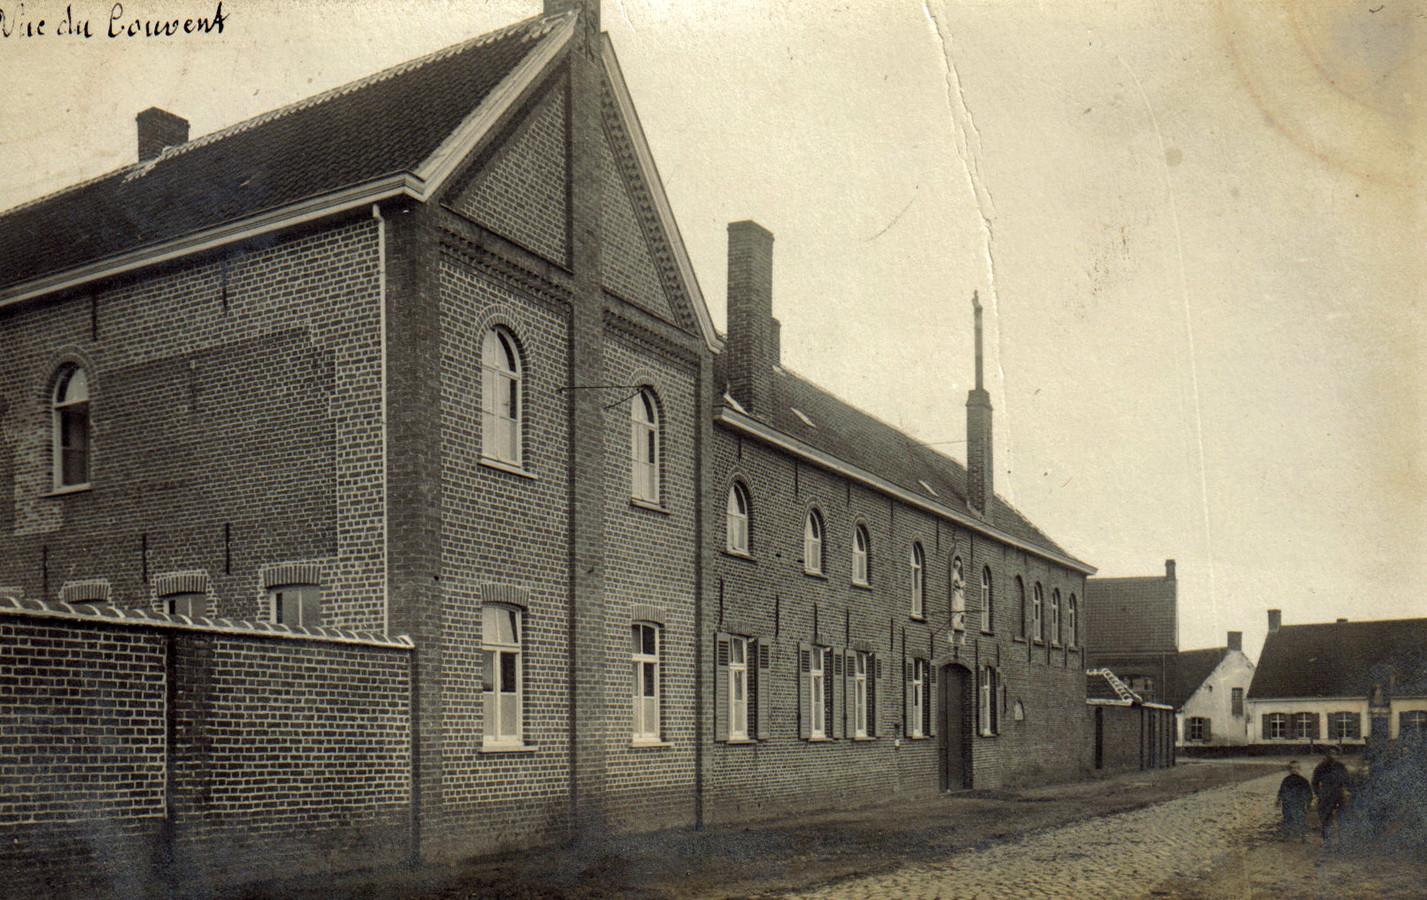 De voorgevel van het Kachtemse klooster in 1907.